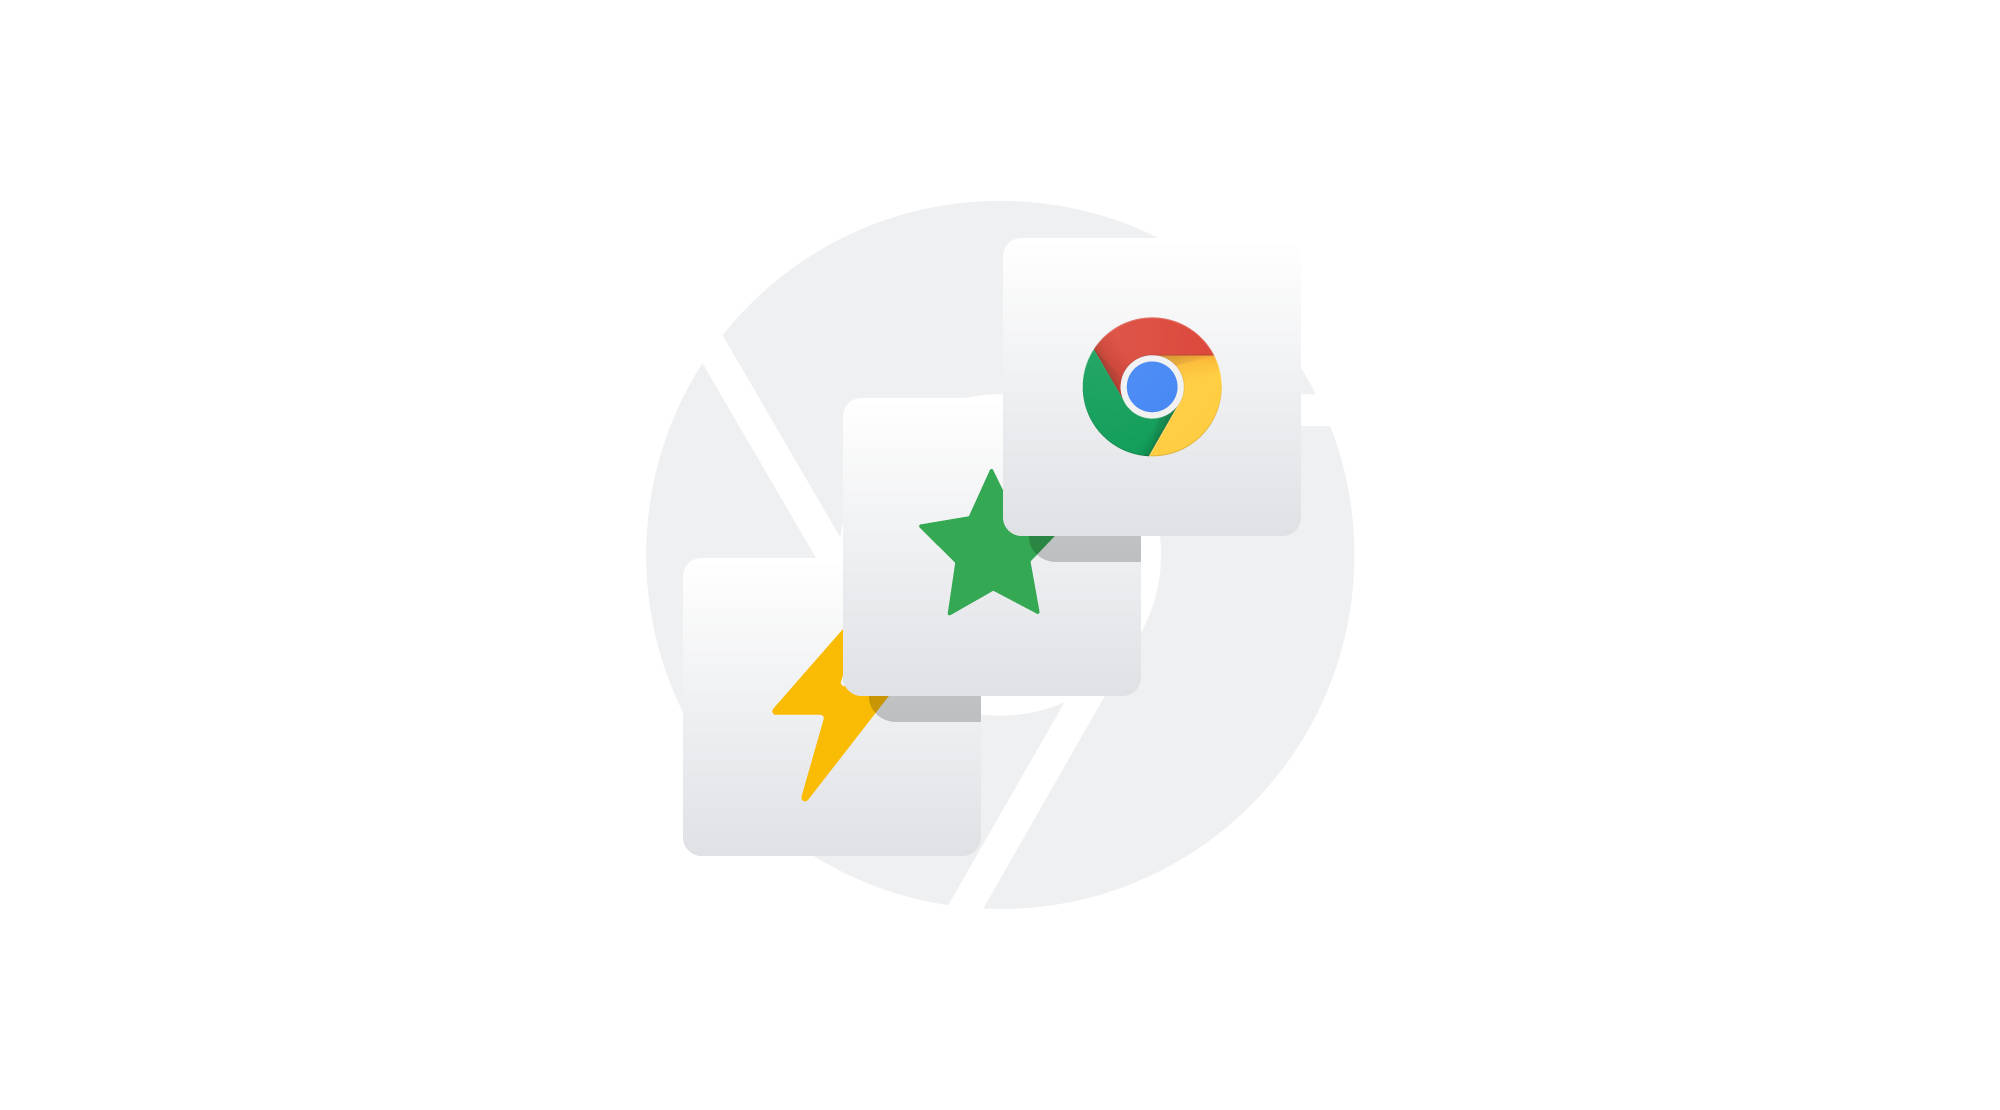 koniec wsparcia Windows 7 rozszerzone wsparcie Google Chrome